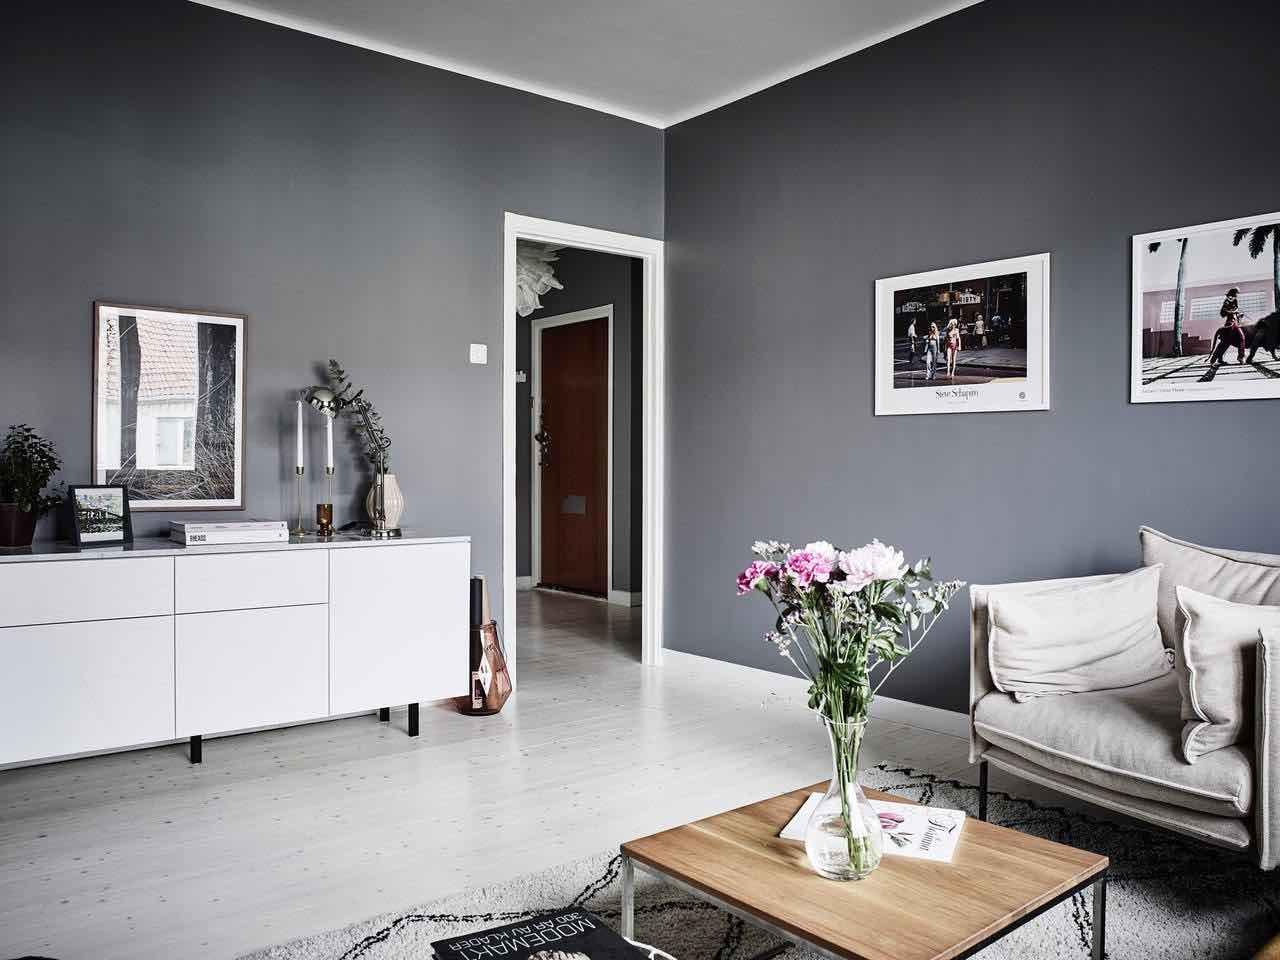 Gemütliche 3 Zimmer mit schönem Farbmix - Designs2love